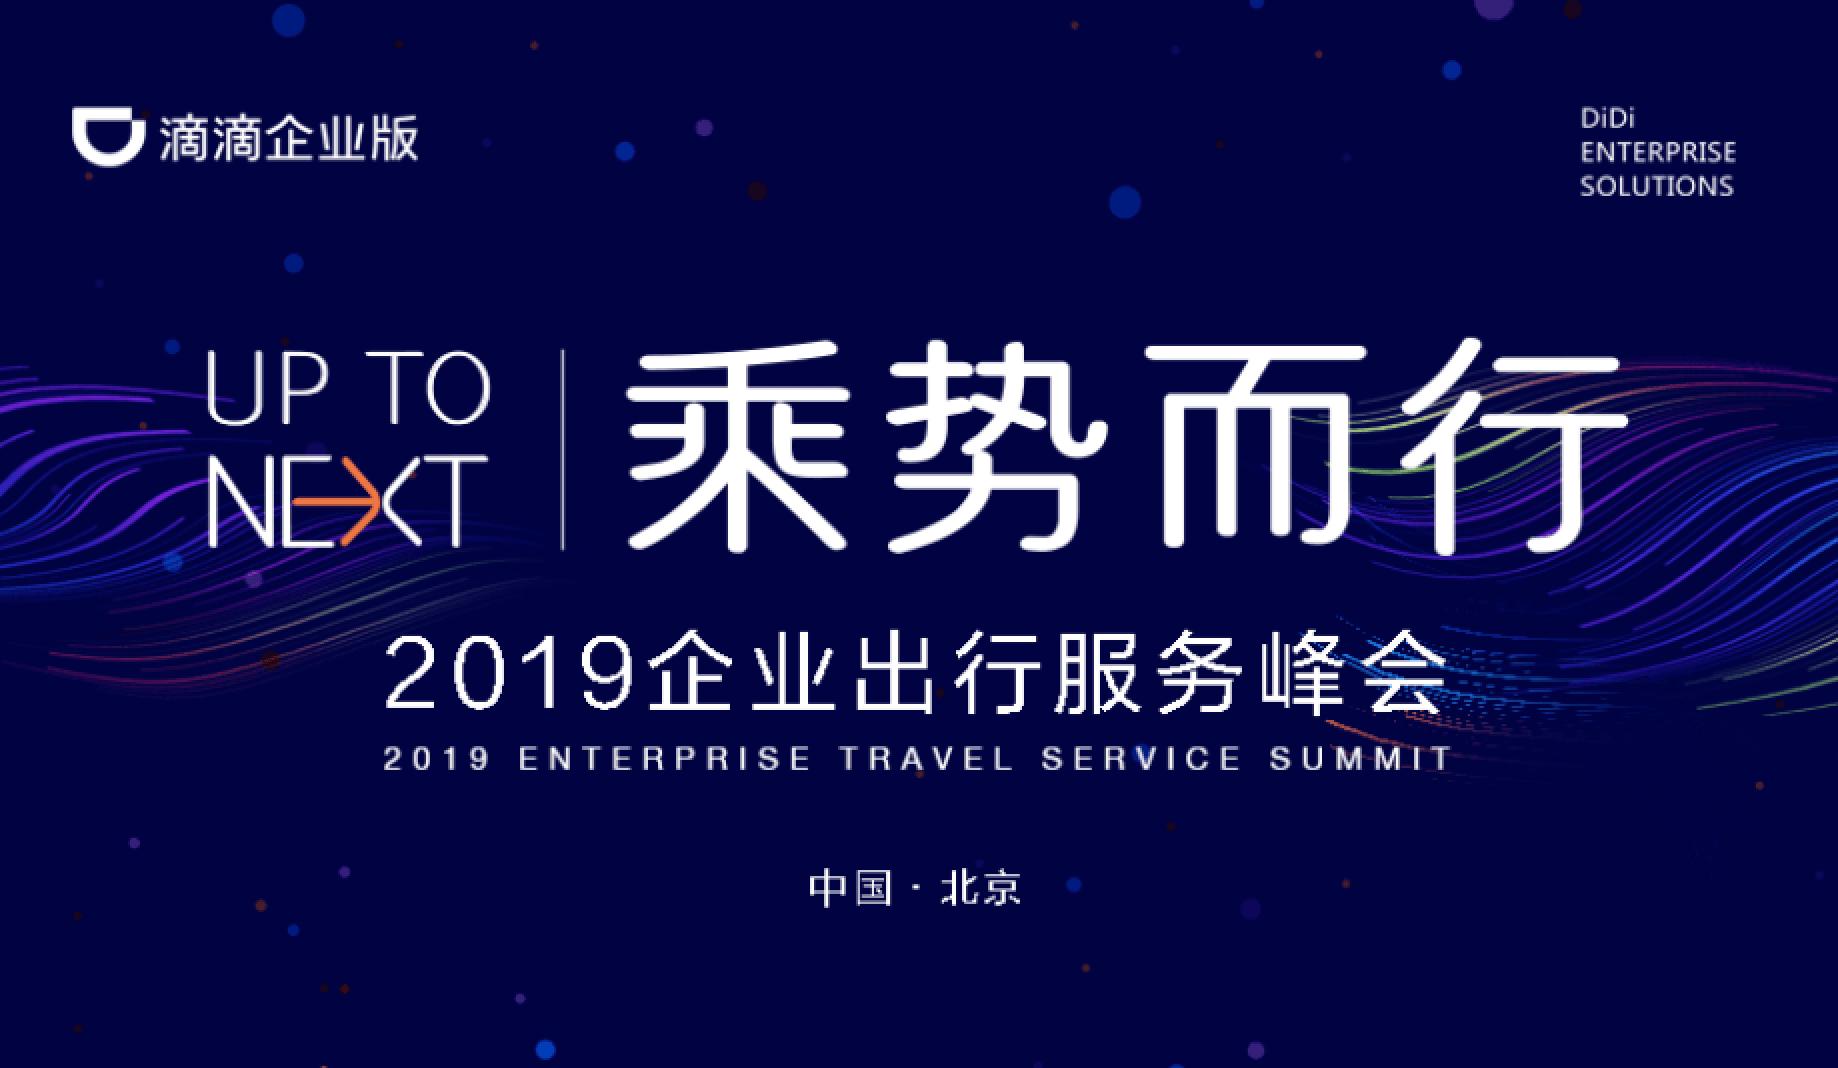 2019企业出行服务峰会(北京)